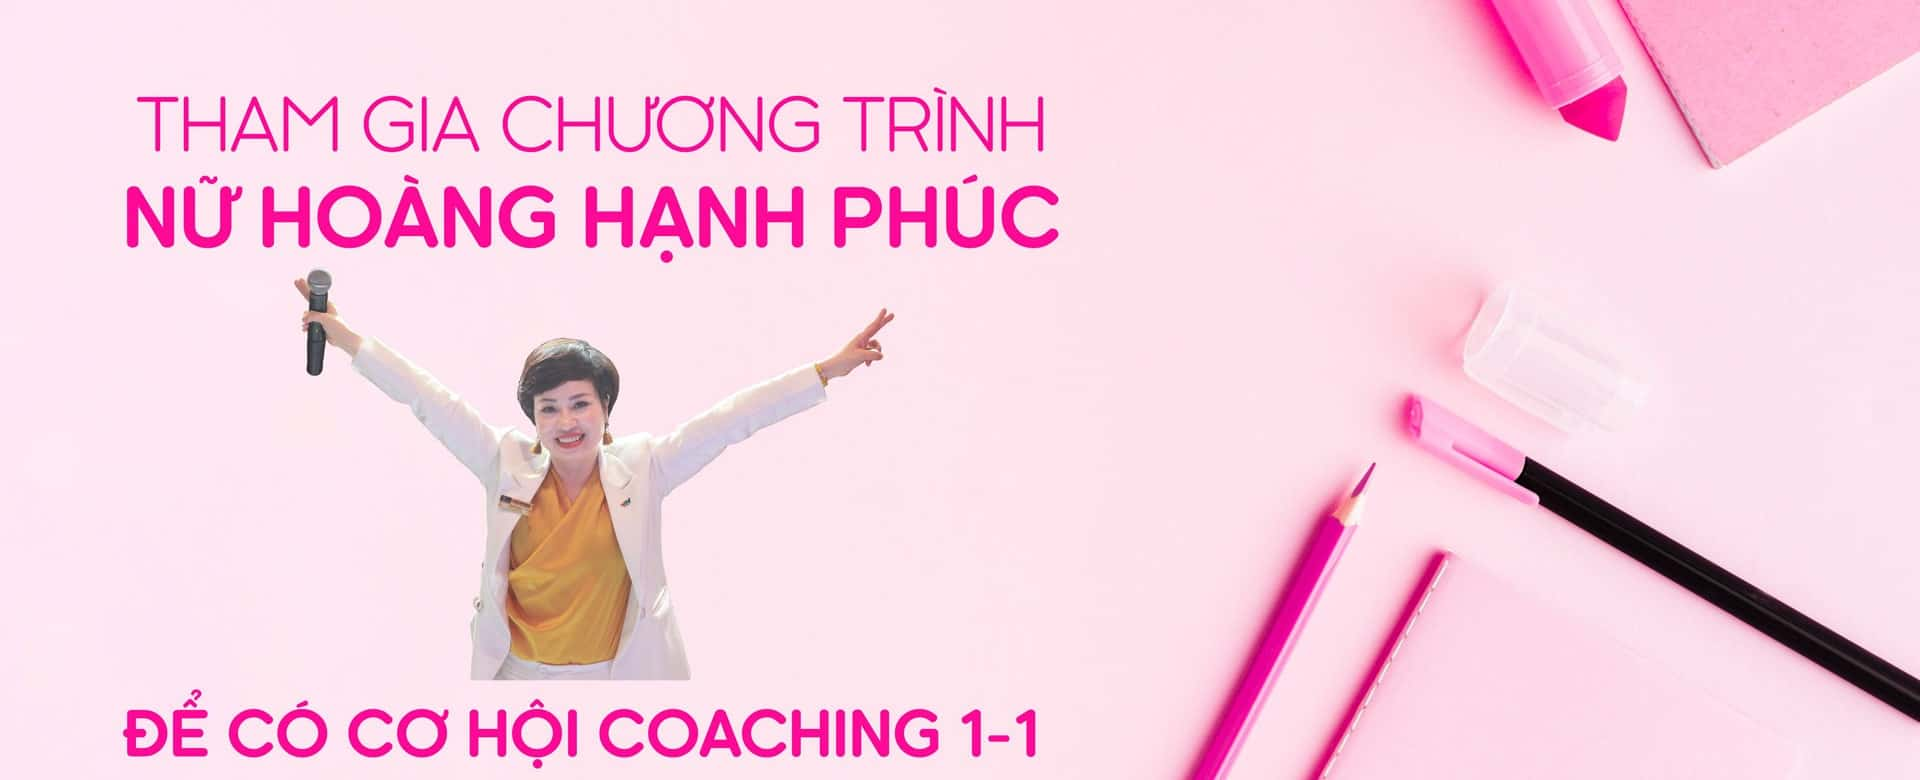 banner web 4 - Chuyên gia tâm lý hôn nhân, tình yêu và gia đình Vera Hà Anh